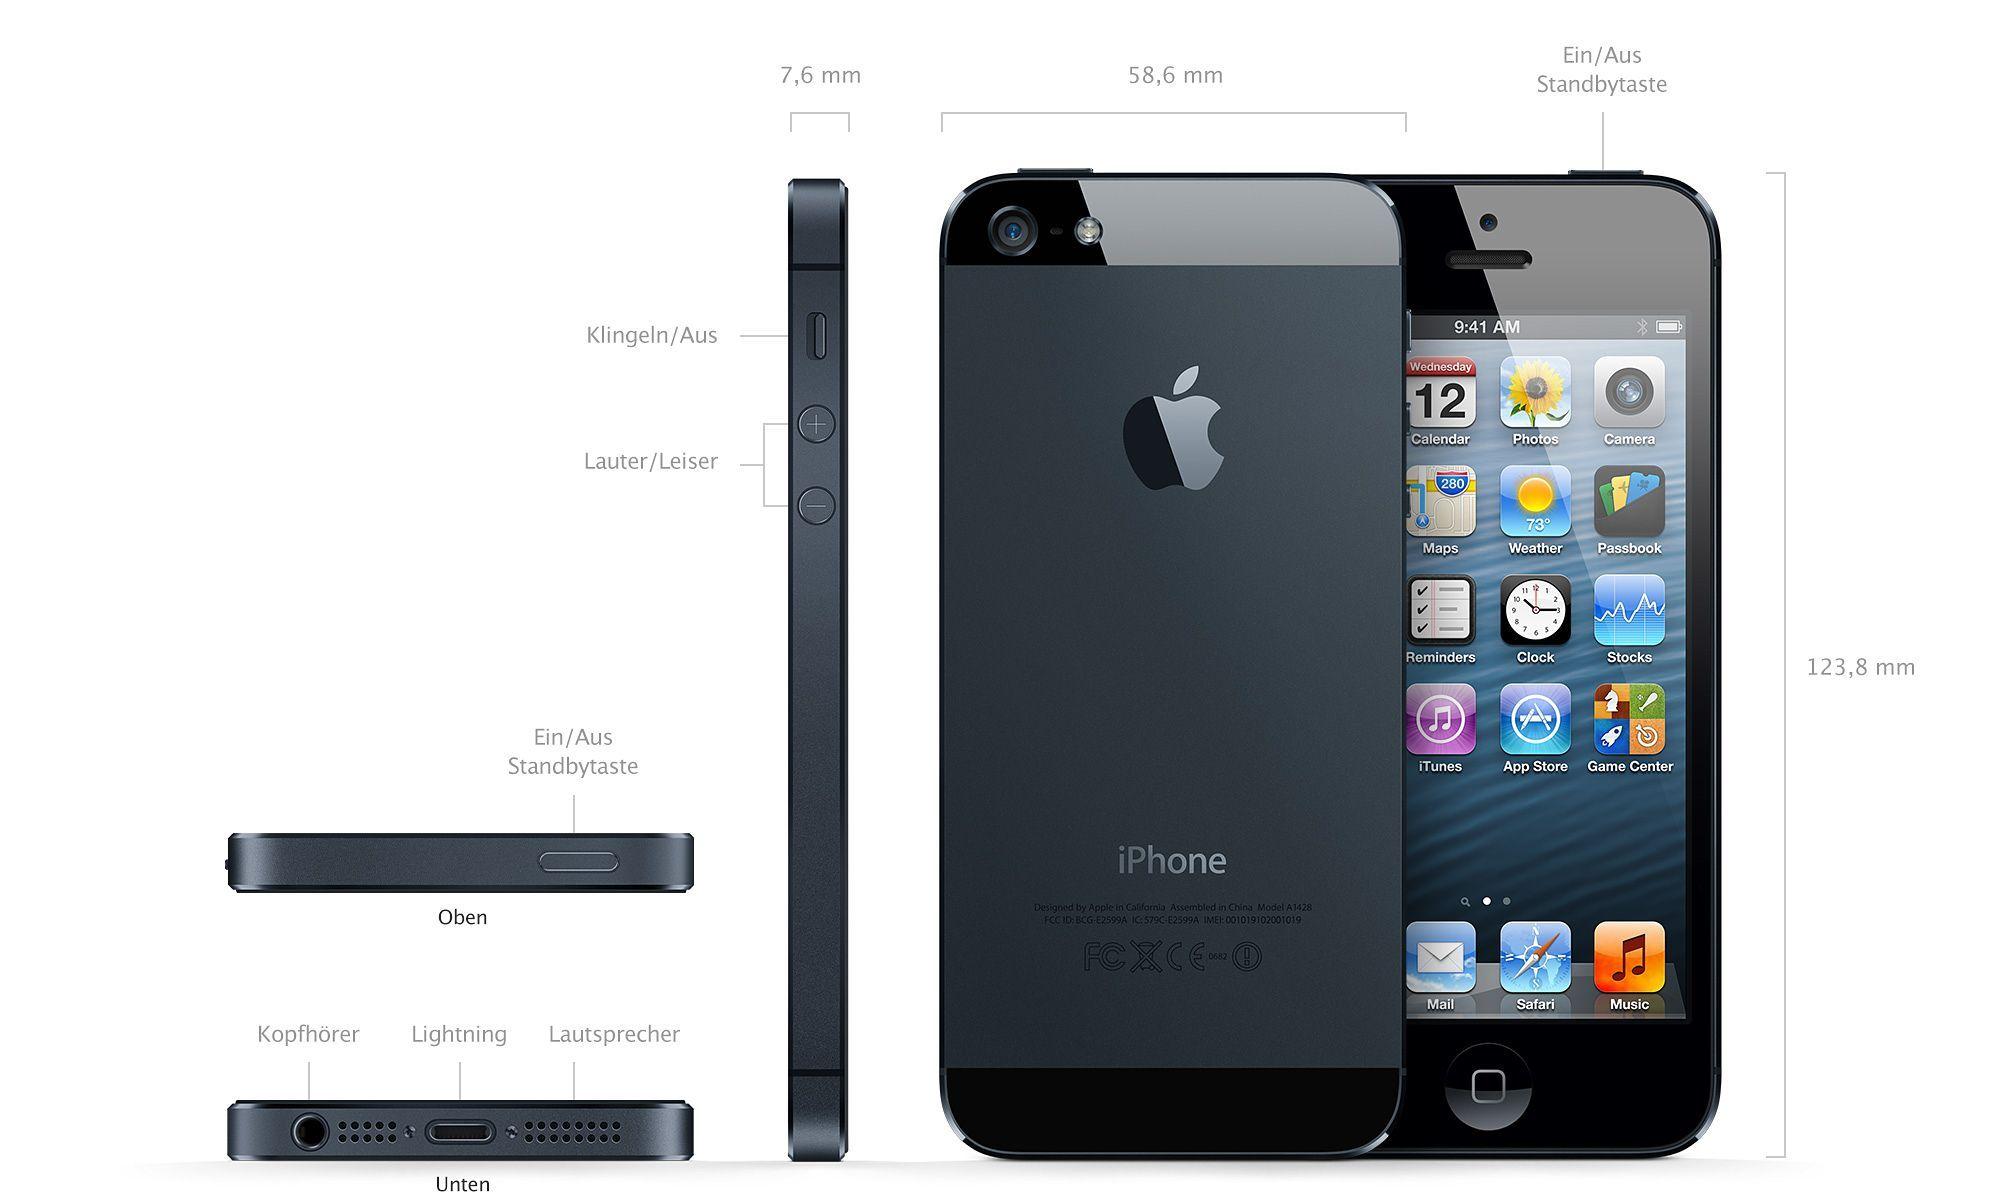 Iphone 5 Kauf Das Iphone 5 Mit Gratisversand Apple Store Schweiz Gunstiges Handy Handyvertrag Handys